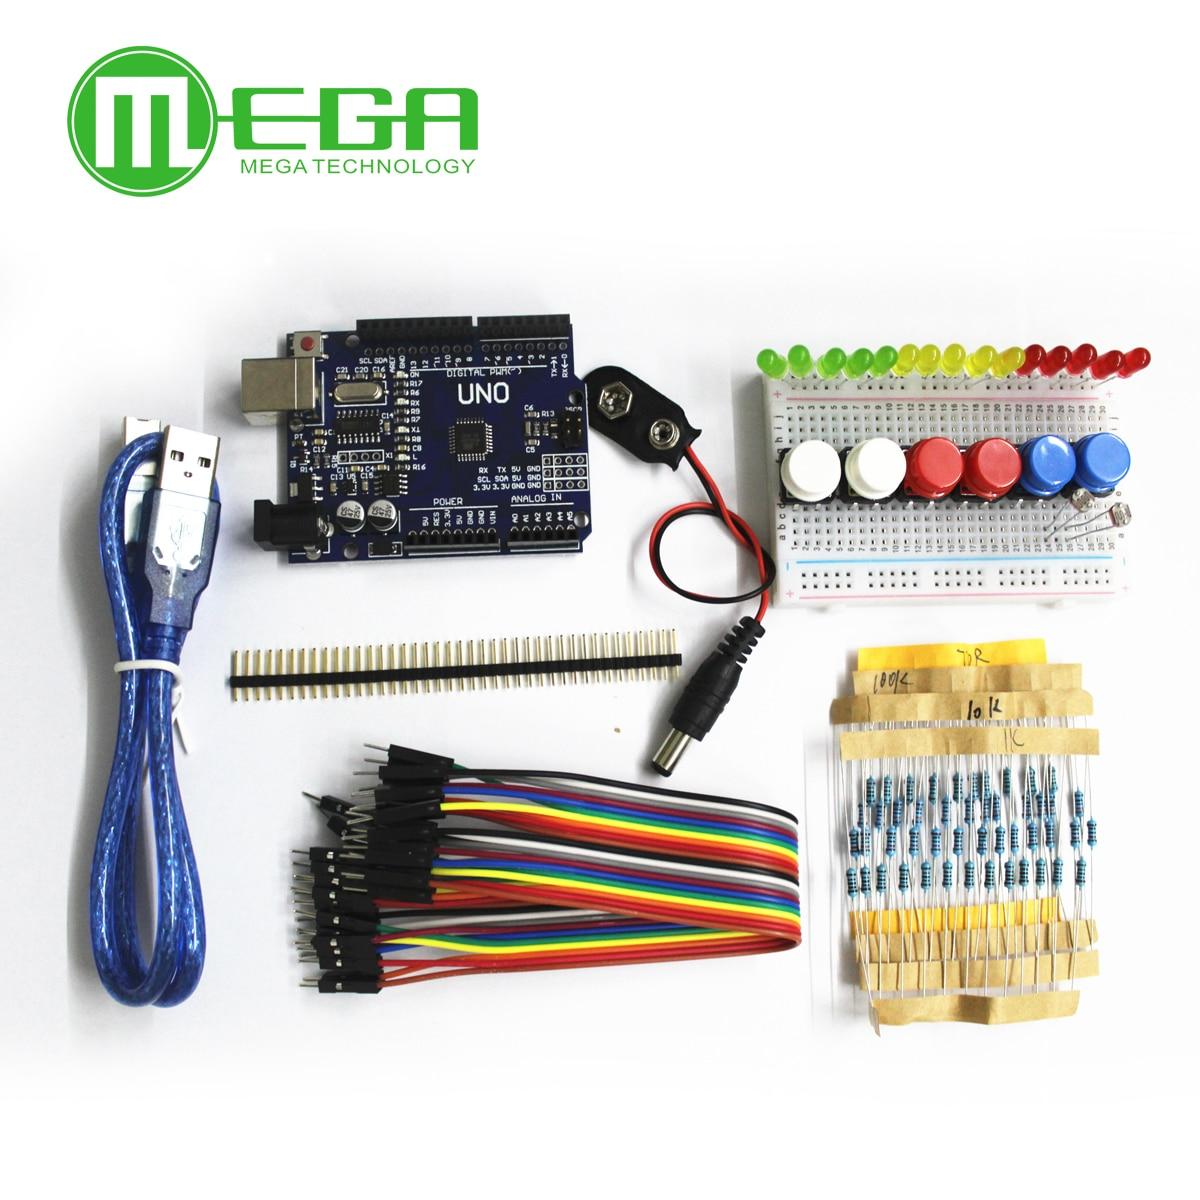 1 Unidades nuevo Kit de arranque UNO R3 mini Placa de LED de alambre de puente botón para Arduino compatile